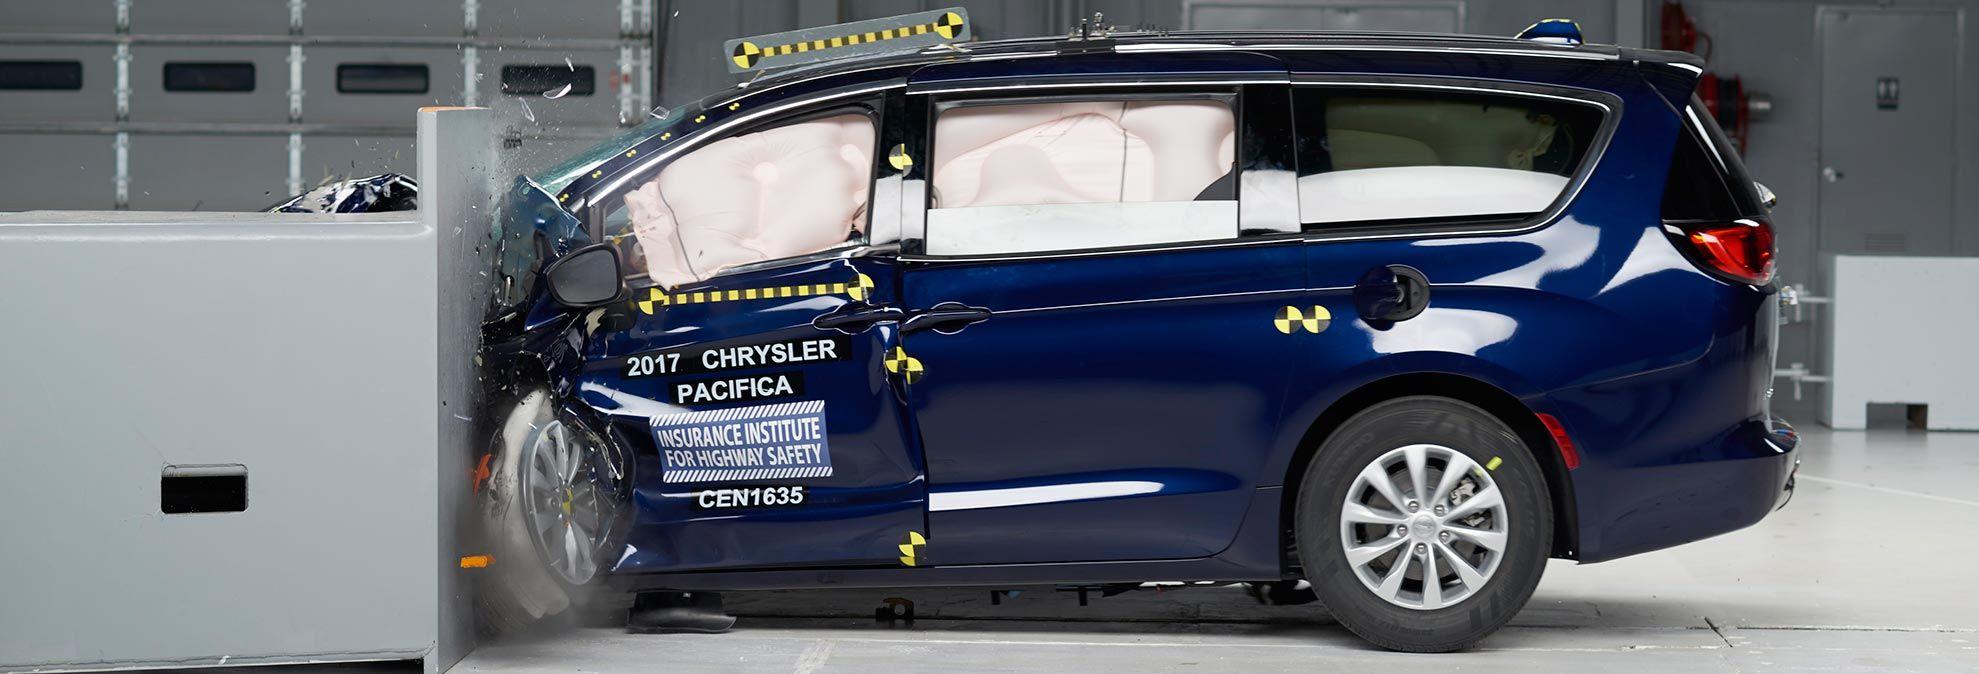 Iihs Names Safest Cars Chrysler Pacifica Safe Cars Chrysler